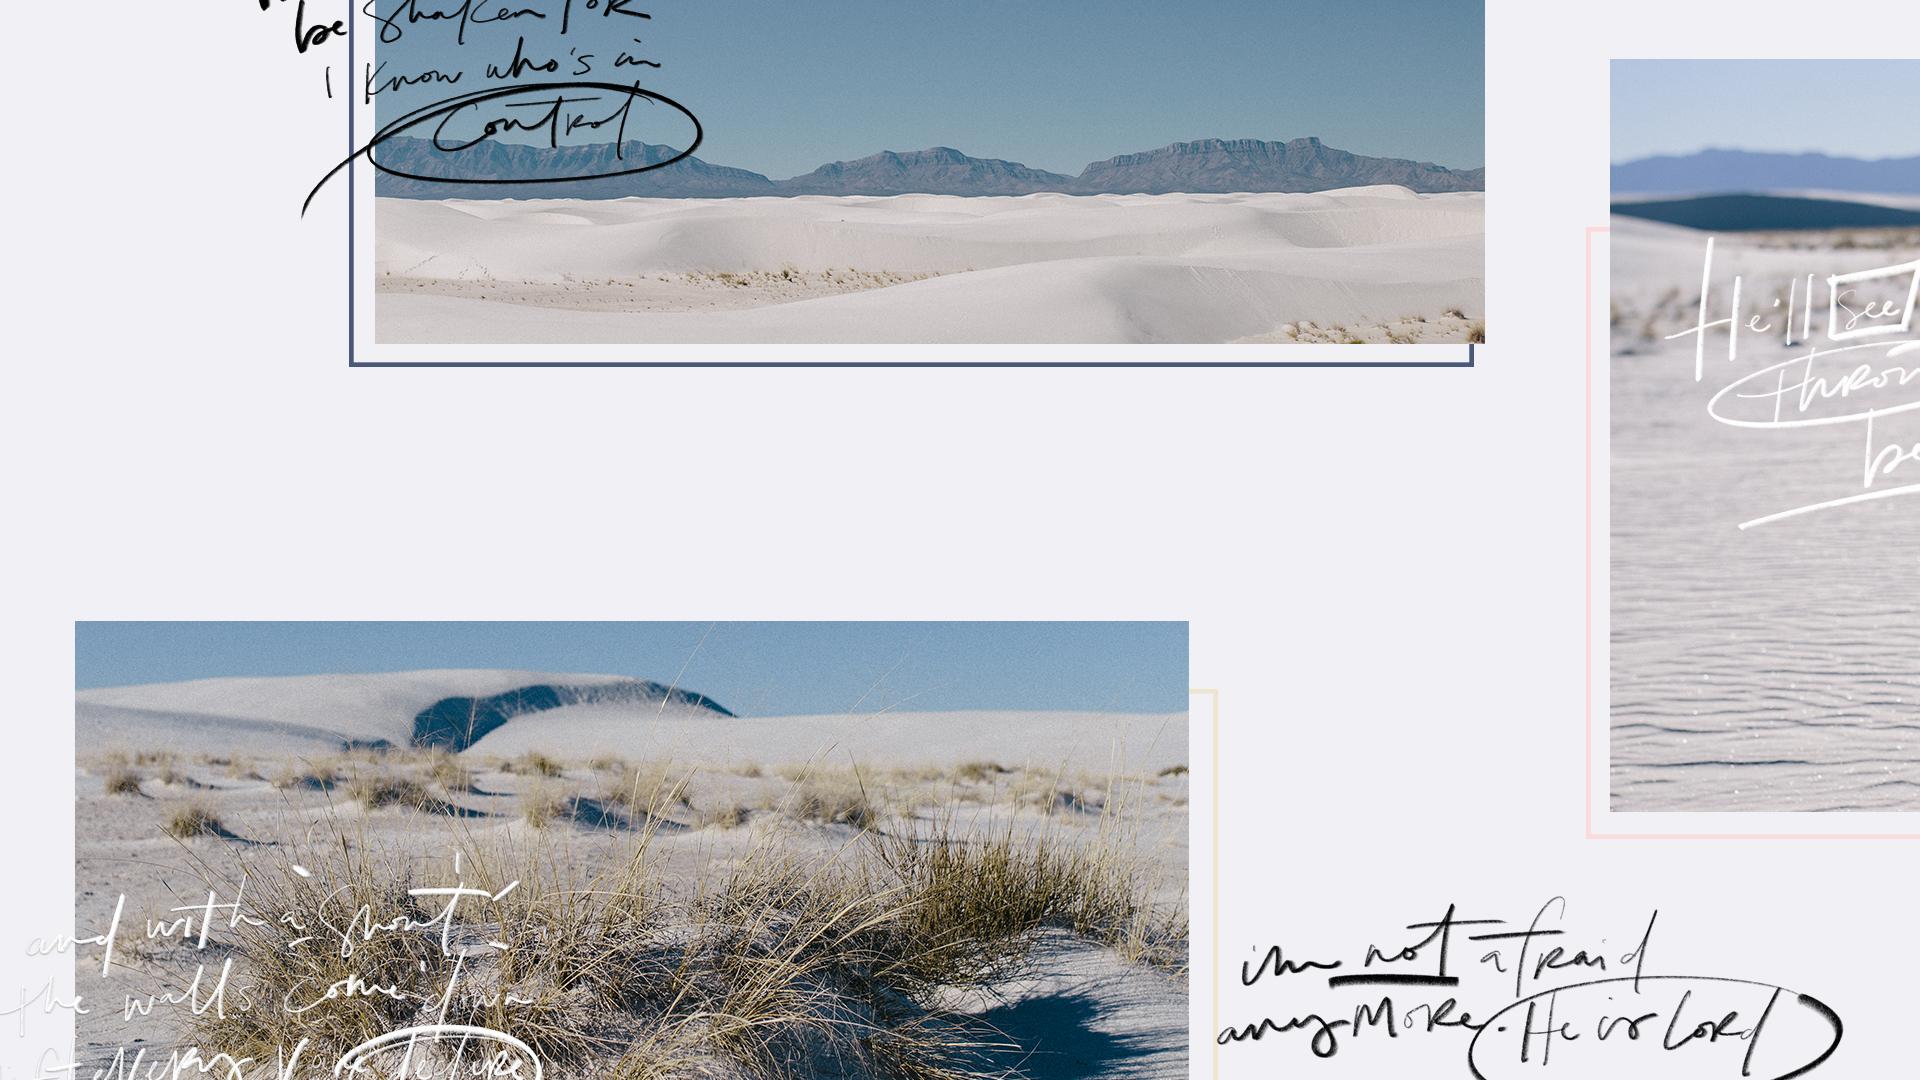 16x9 - Background (JPG)